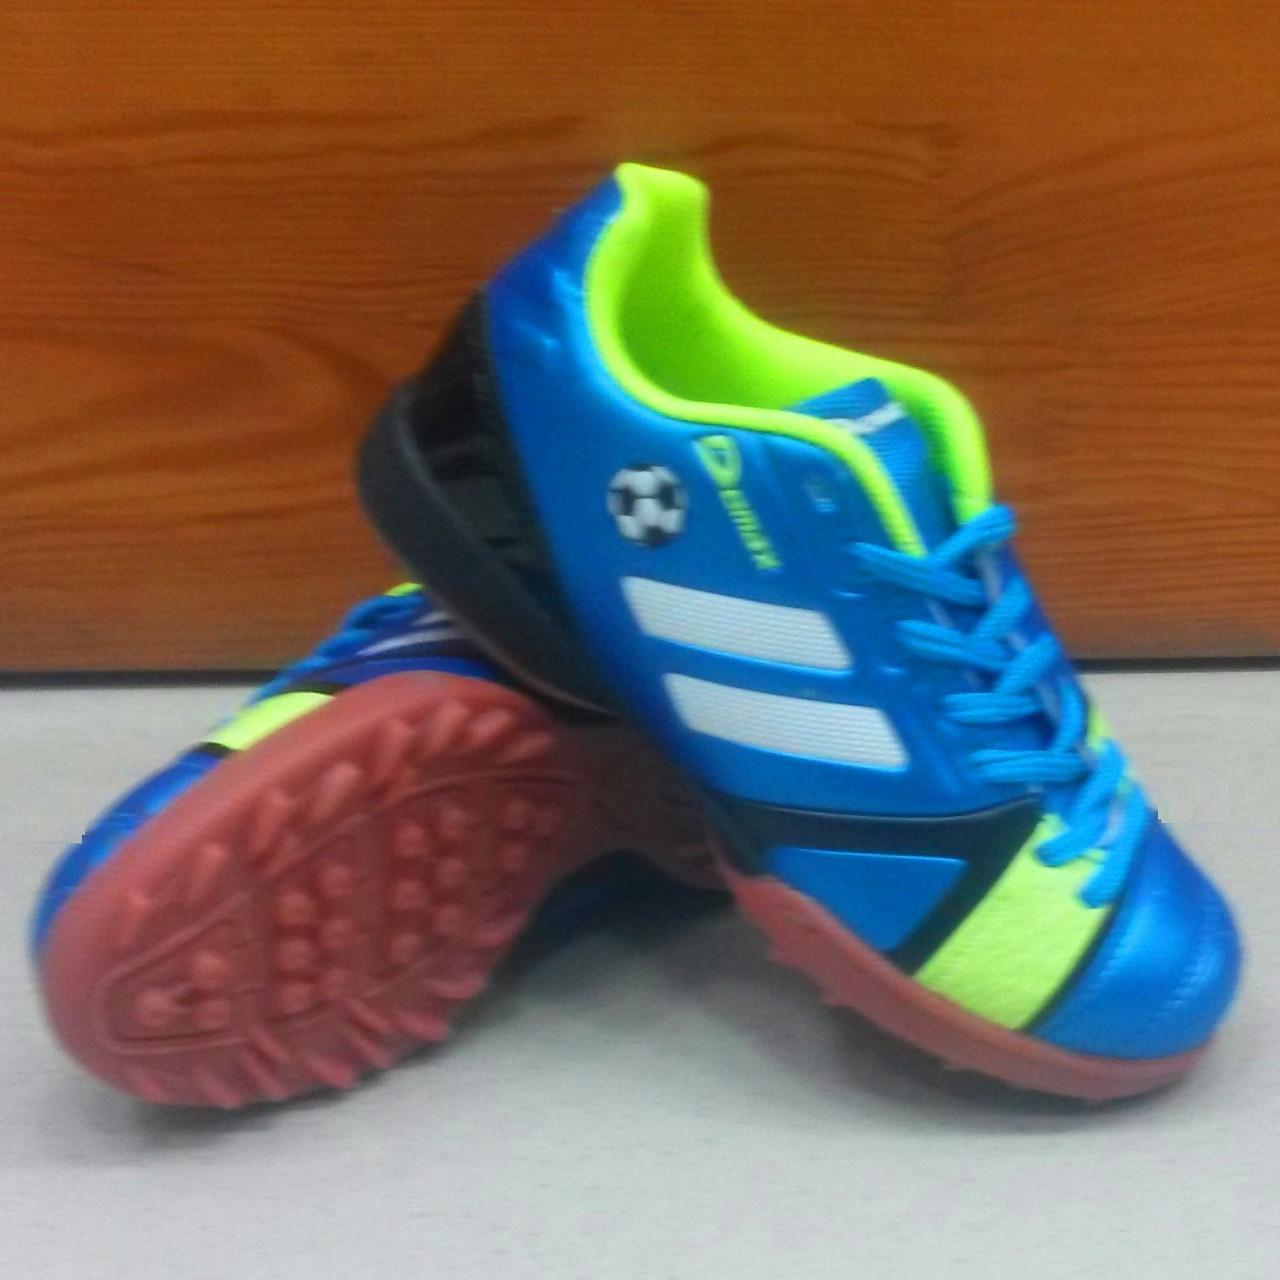 af77a052 Детская футбольная обувь (сороконожки) Demix SPN TF JR - football-sale.com